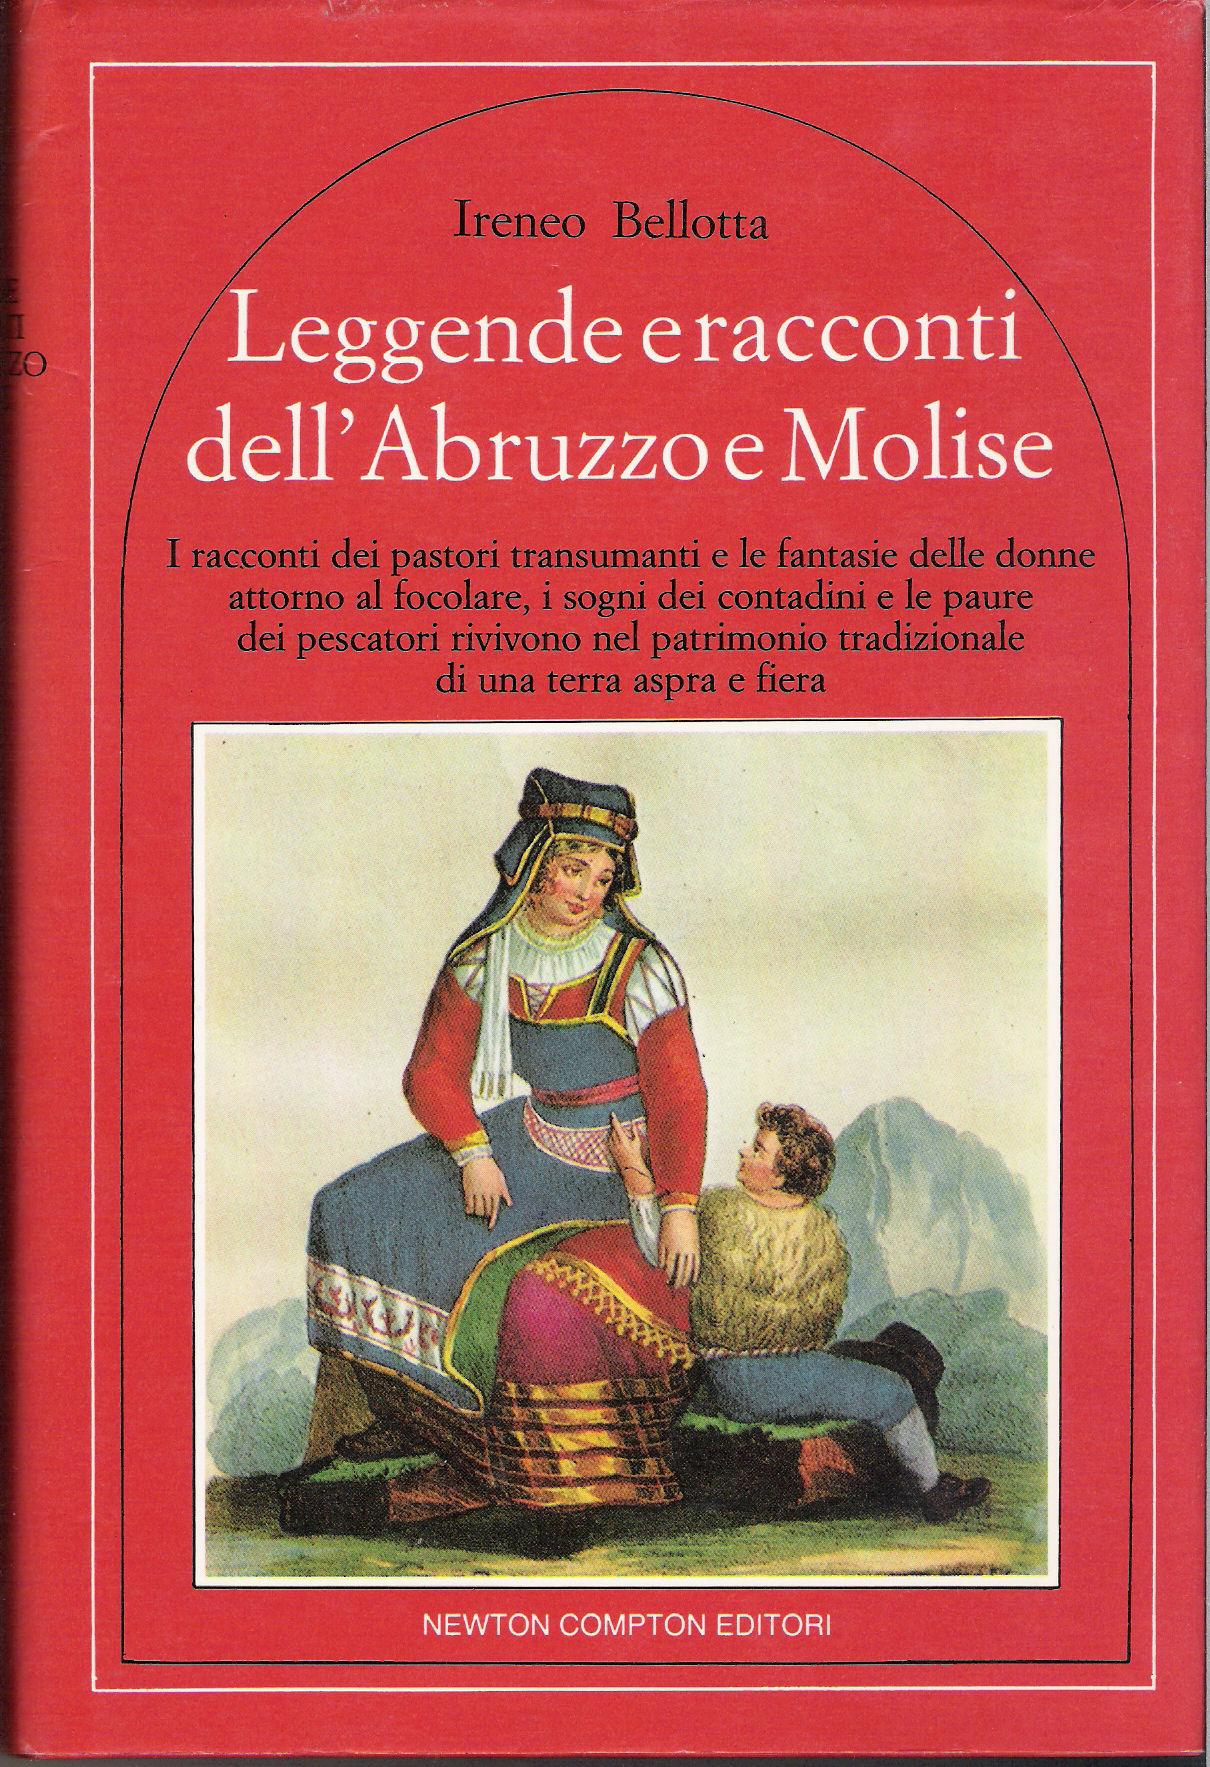 Leggende e racconti dell'Abruzzo e Molise